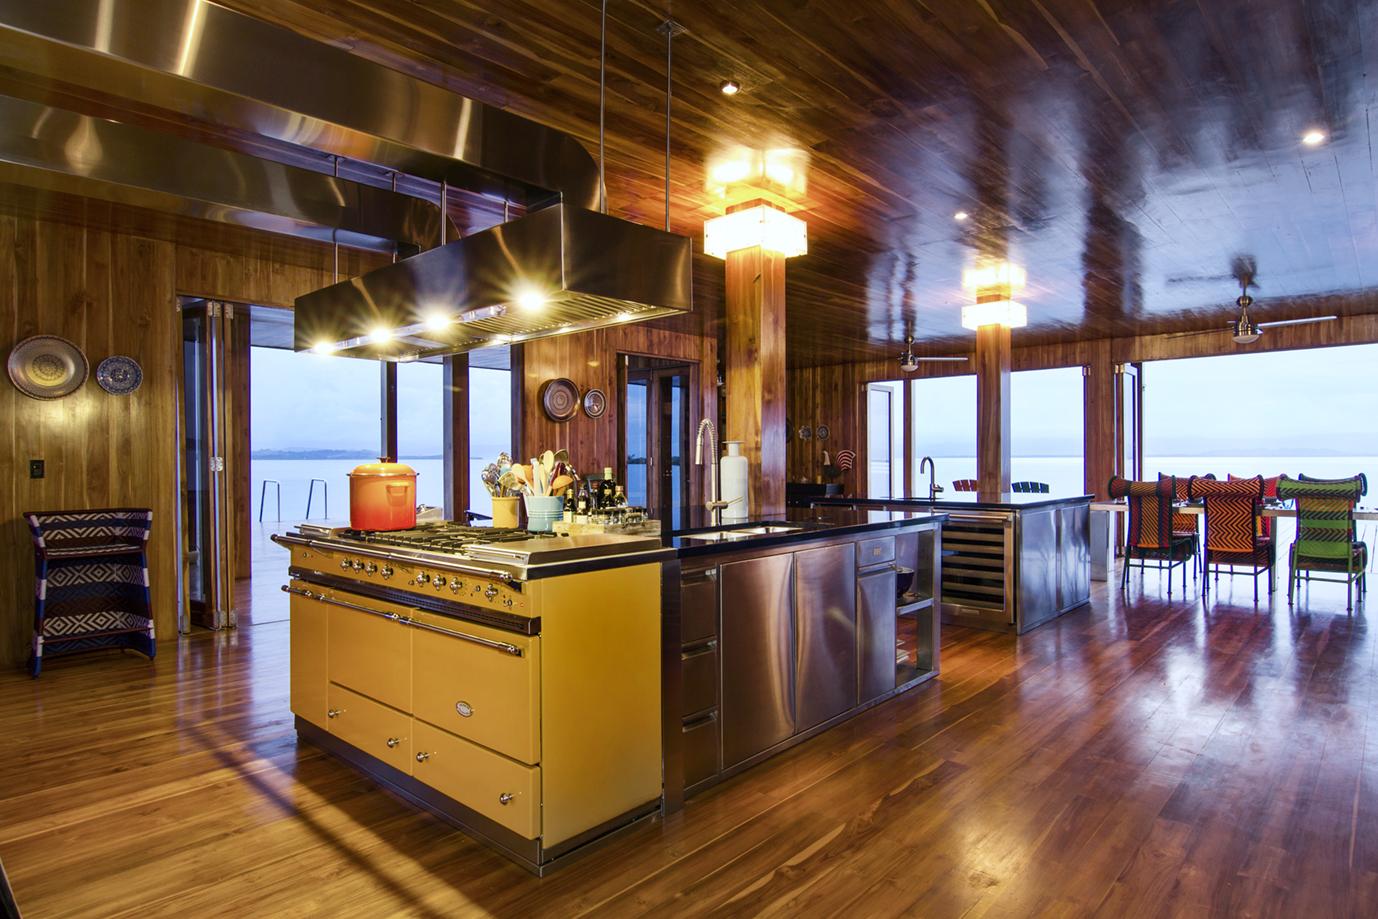 35-Kitchen Lacanche French range - b.jpg